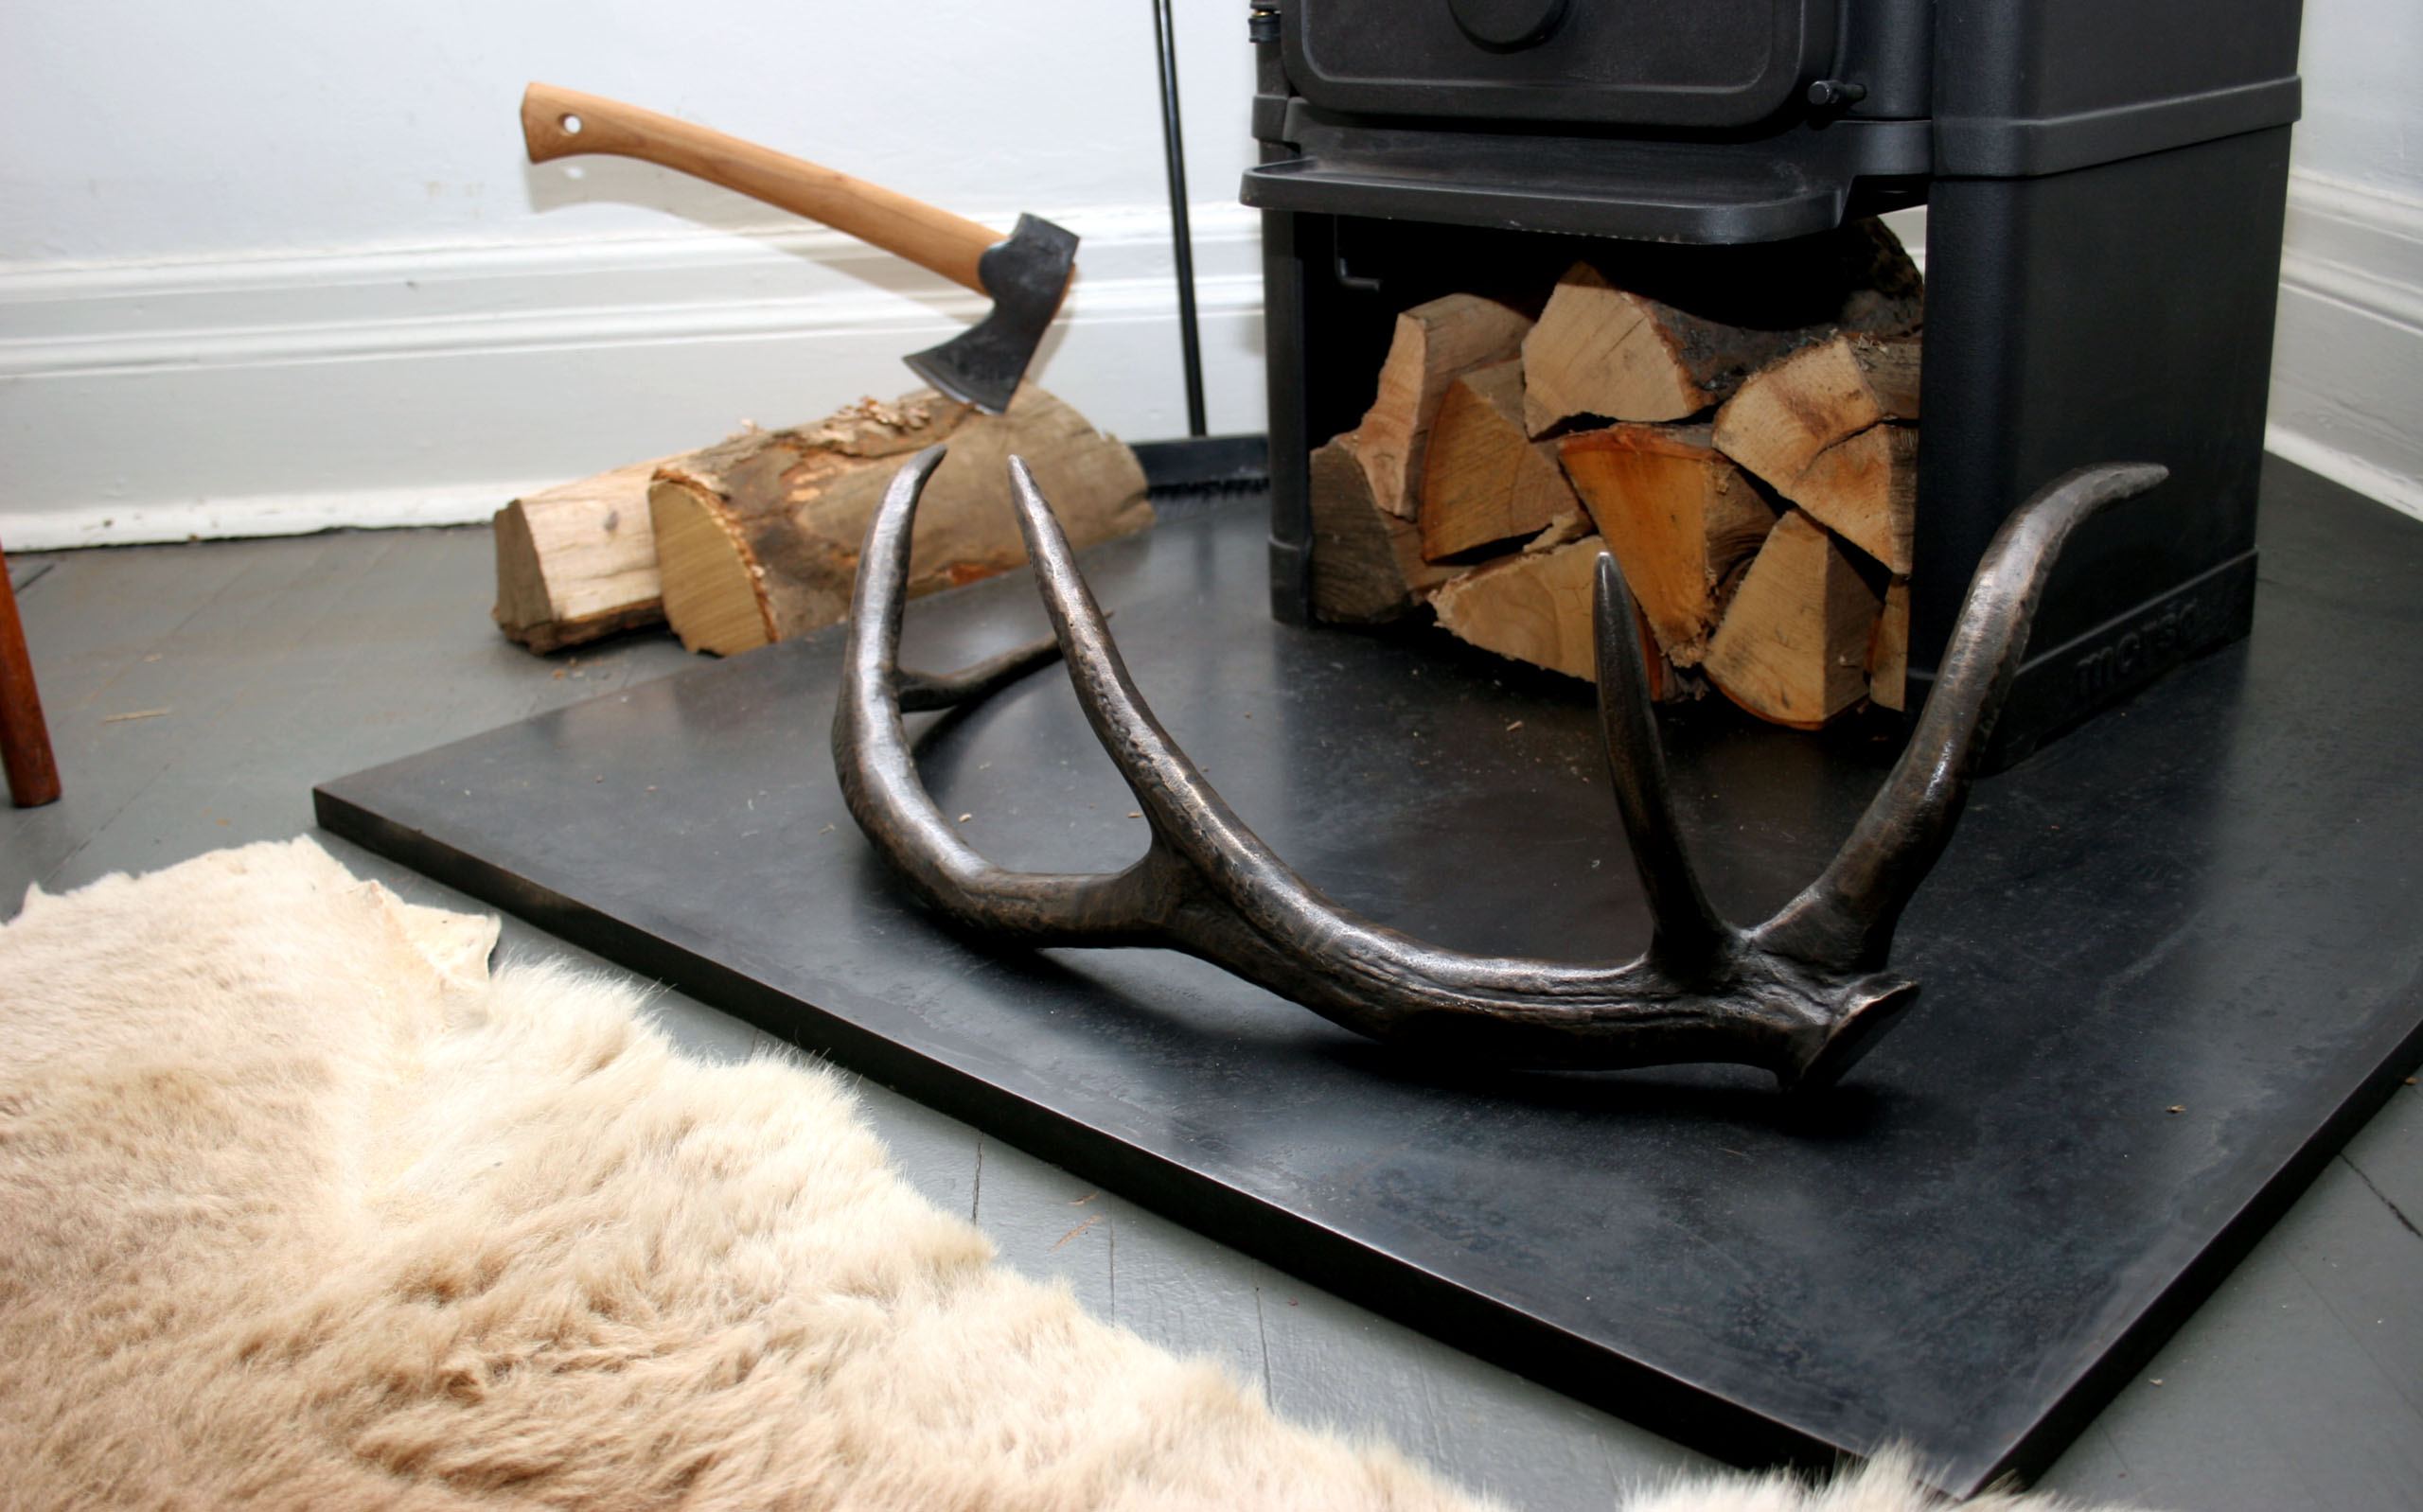 furniture_0005_iamge 6